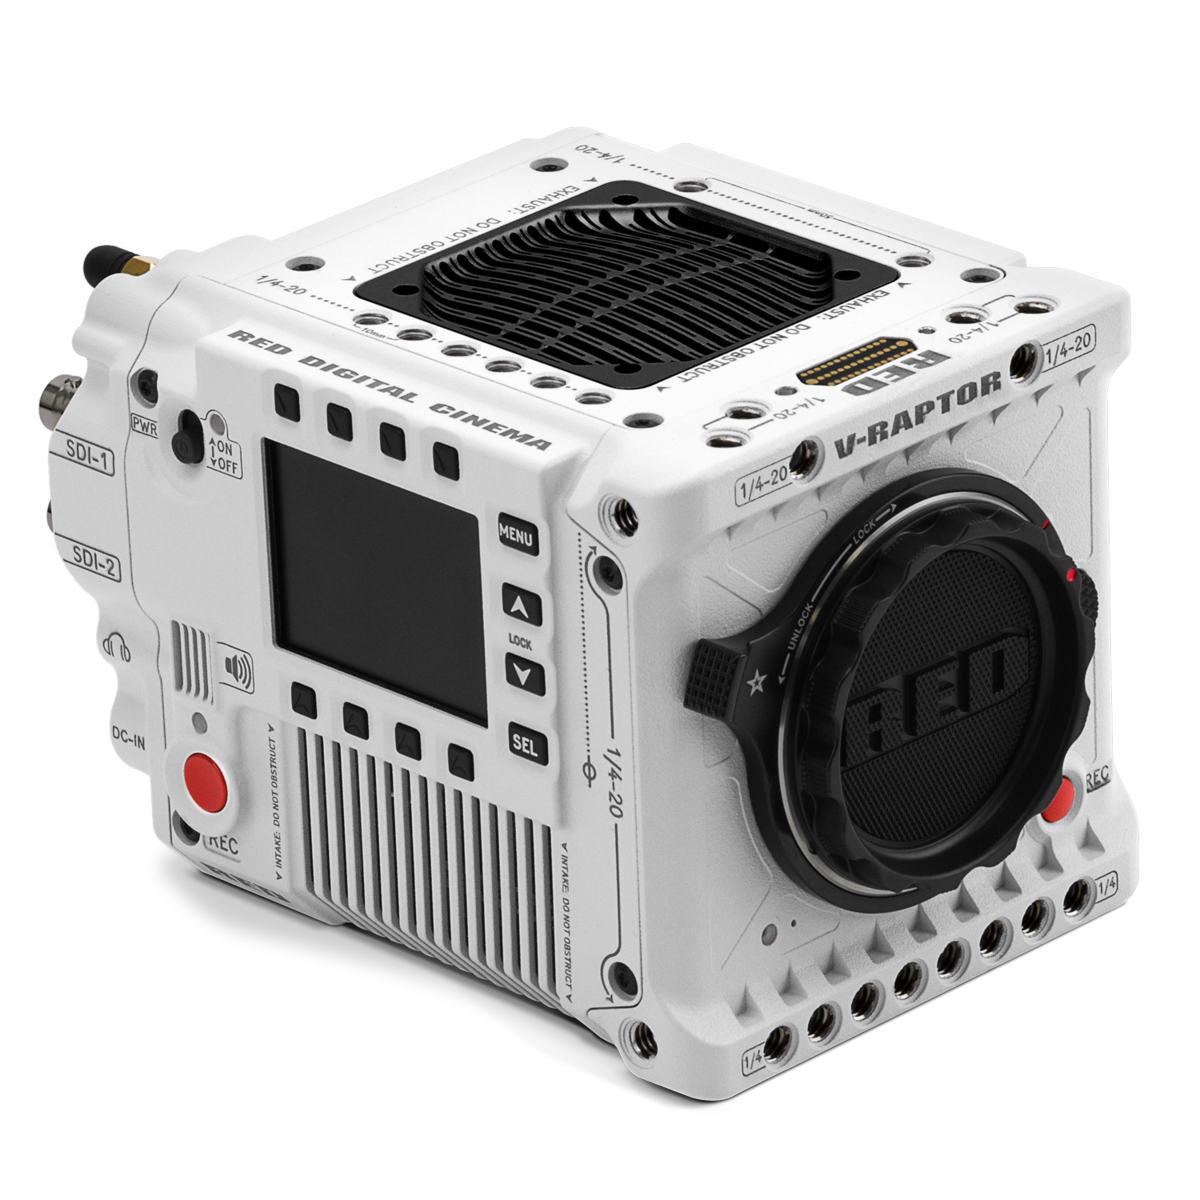 Neue RED DSMC3 V-Raptor Kamera: 8K REDCODE RAW mit 120 fps auf CFexpresskarte und WLAN